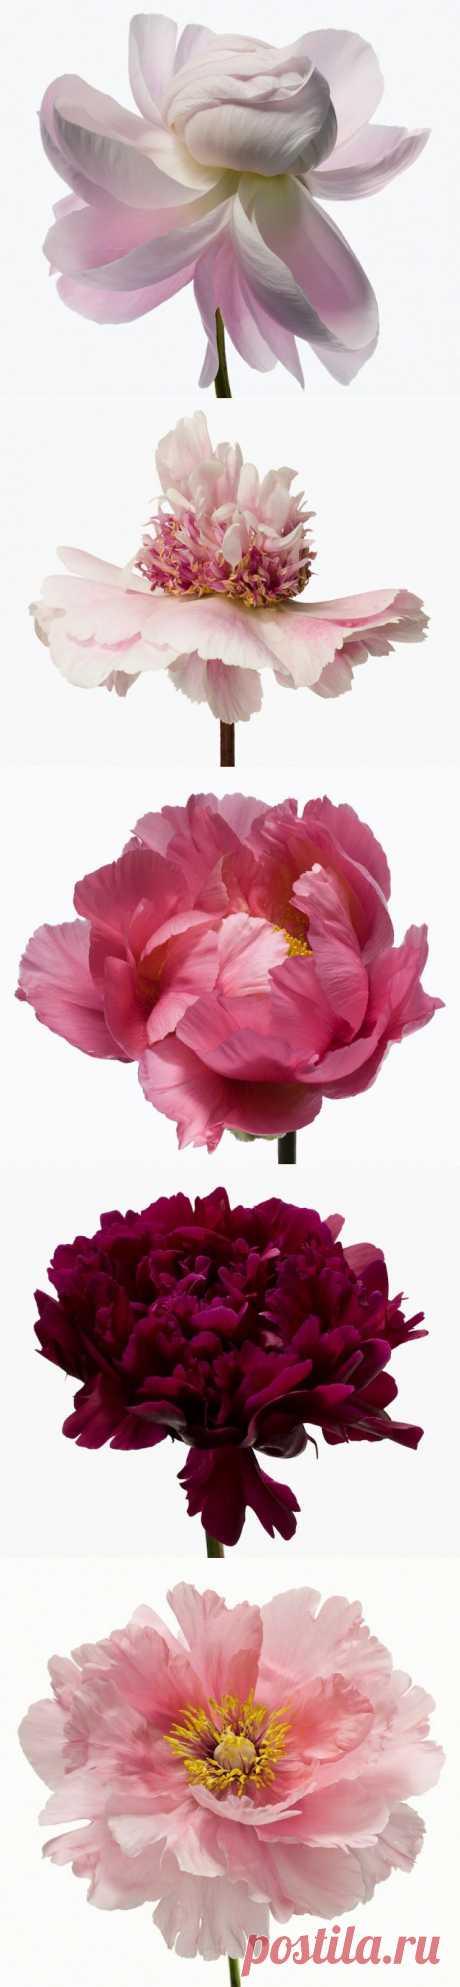 Цветущие цветы Пола Ланге (Paul Lange)